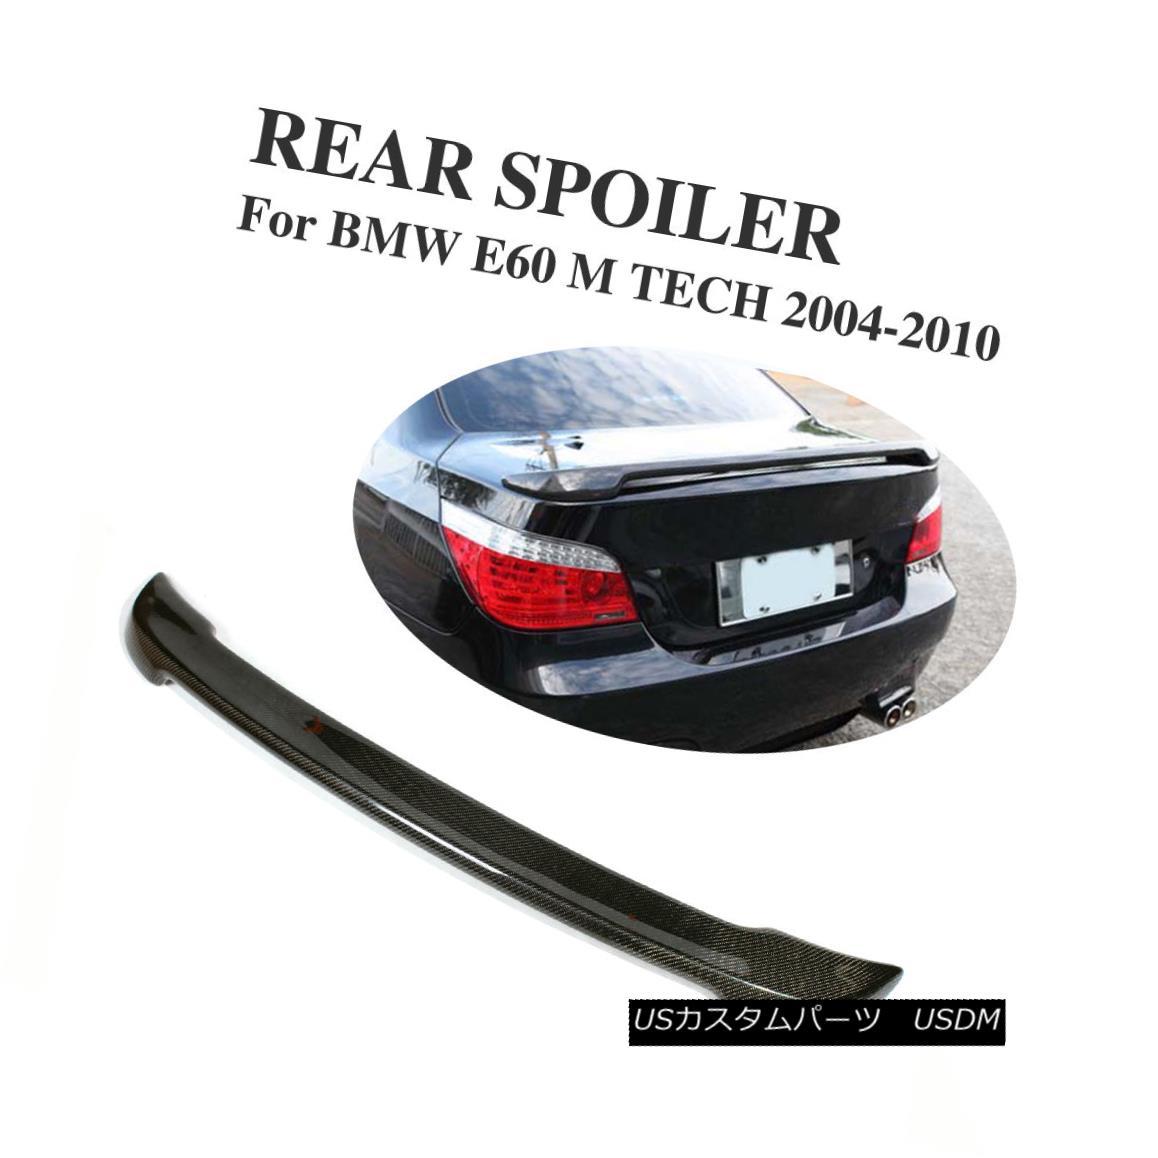 エアロパーツ Carbon Fiber Rear Trunk Spoiler Boot Wing Lip Fit for BMW 5Series E60 M Sport カーボンファイバーリアトランクスポイラーBMW 5シリーズE60 Mスポーツ用ブーツウィングリップフィット